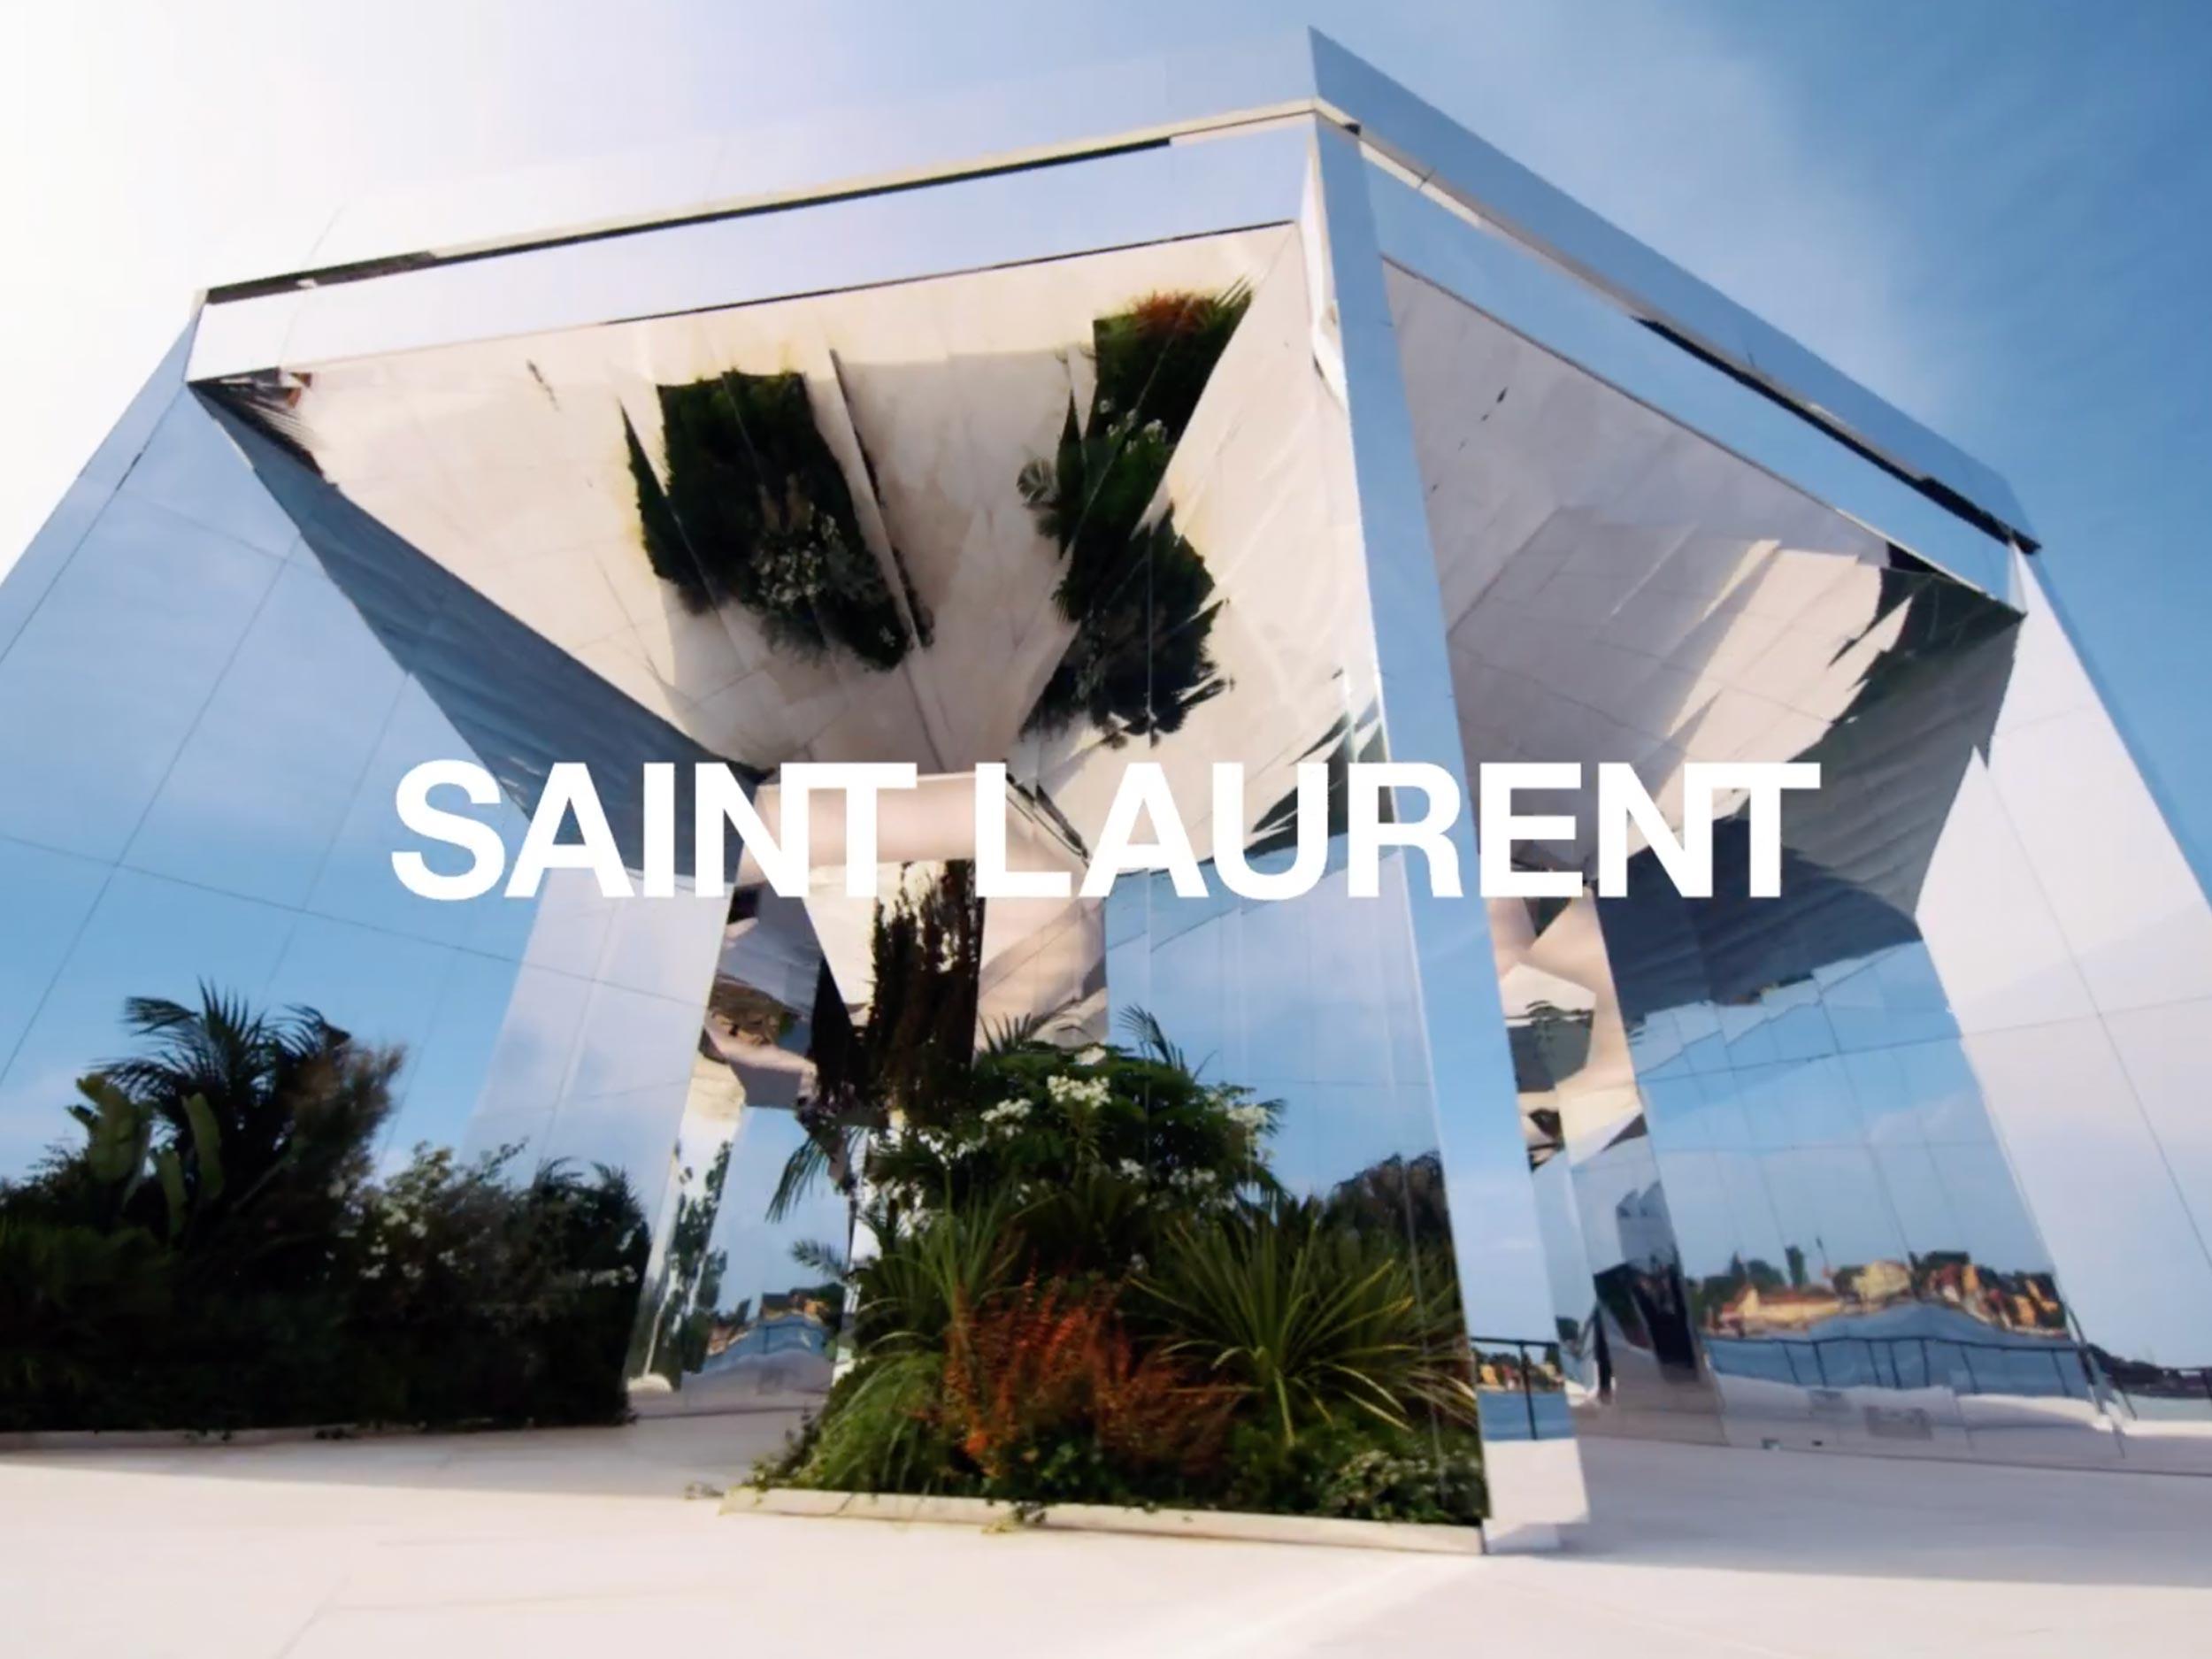 Livestream the Saint Laurent Men's Spring/Summer 2022 show here